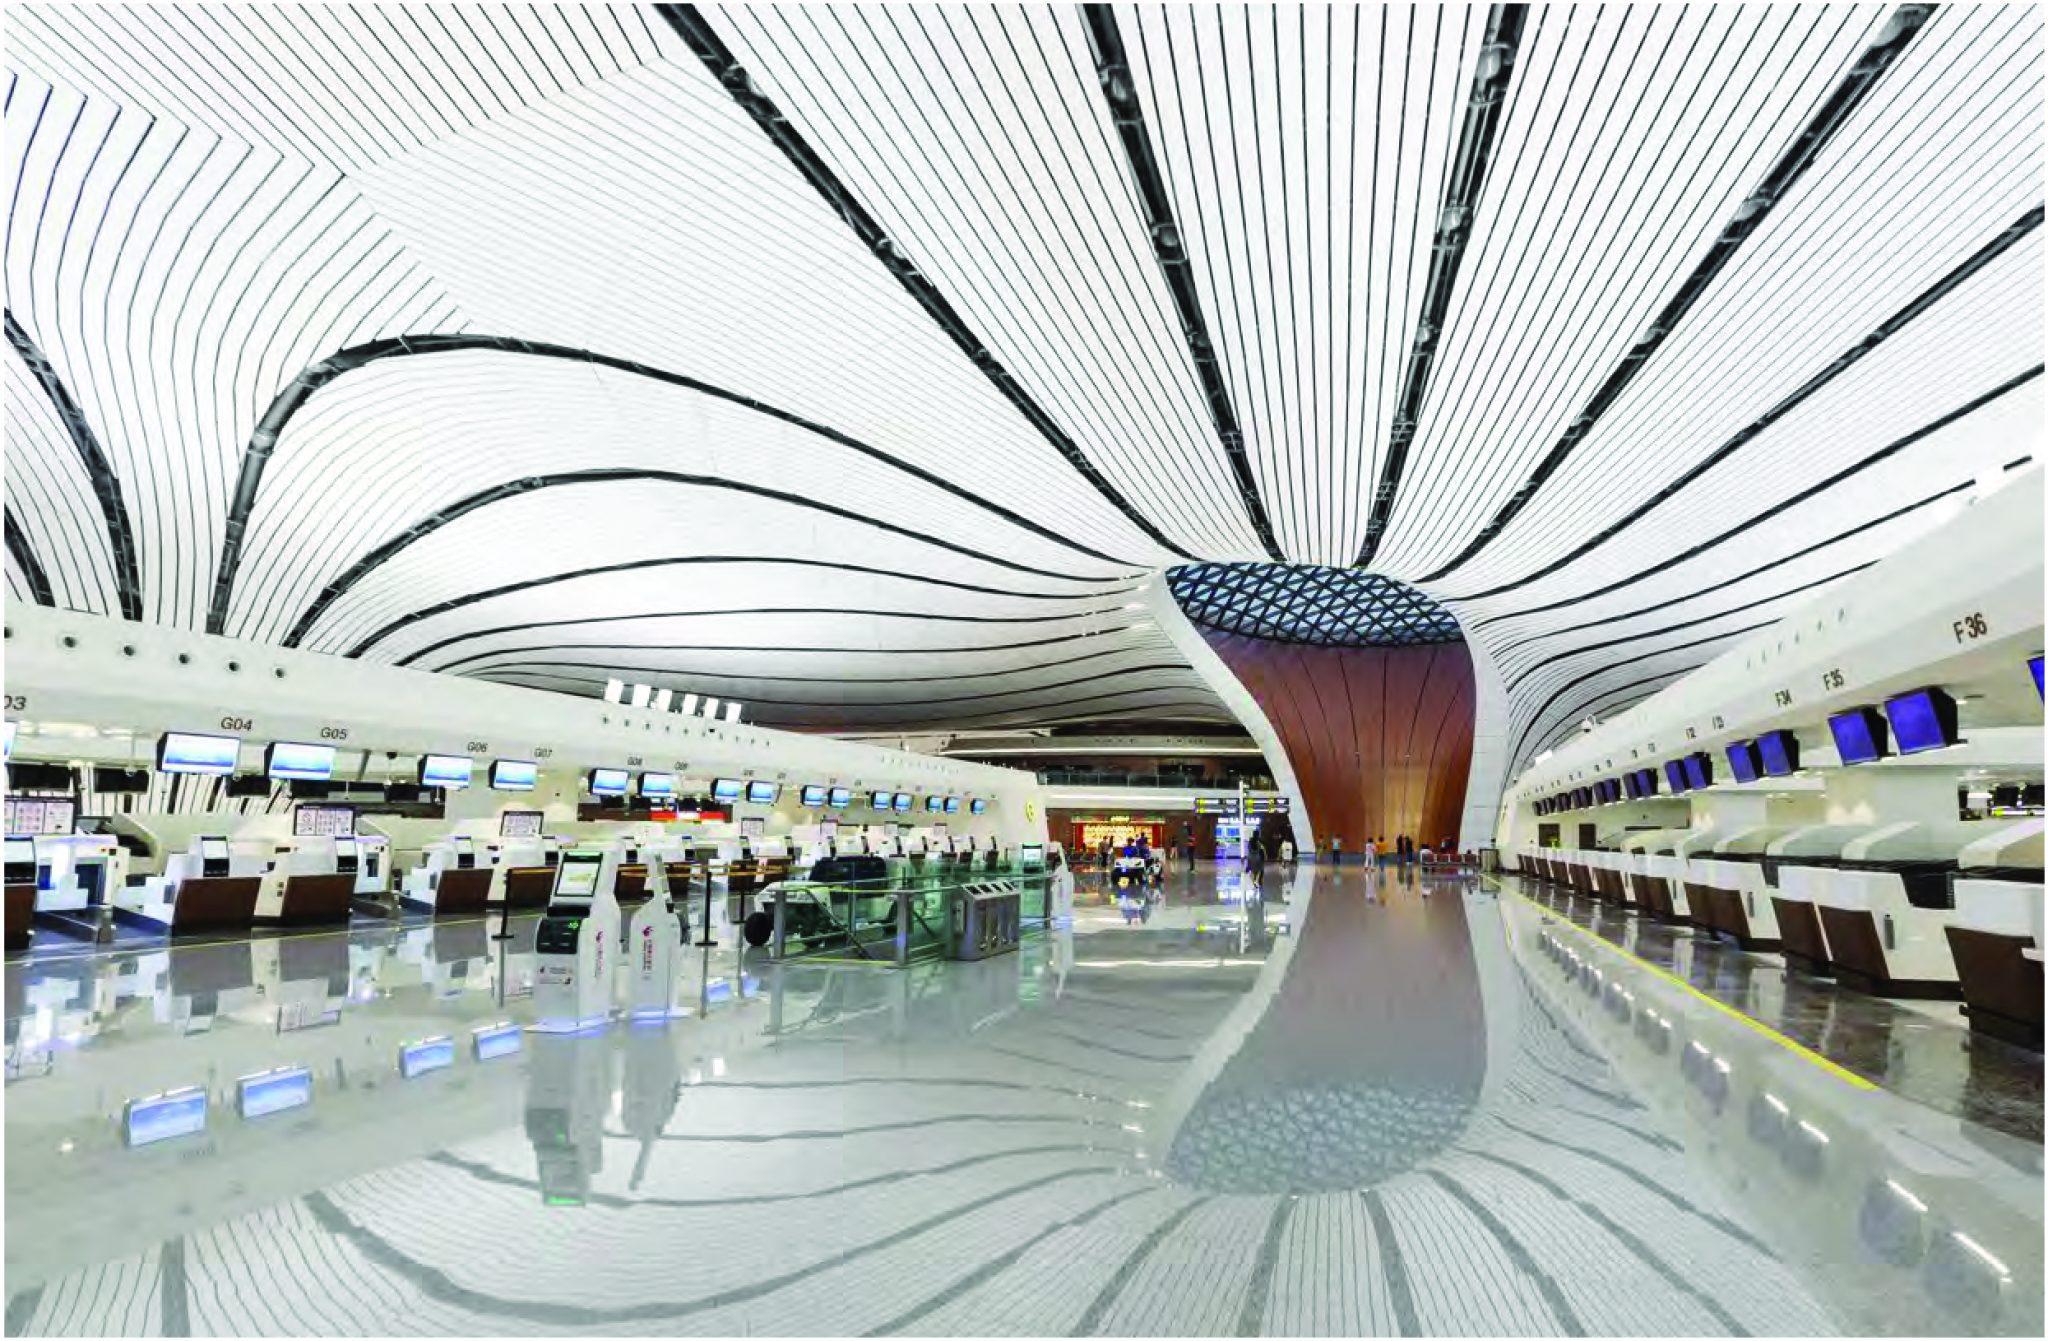 Les écrans de l'aéroport de beijing daxing indiquent aux passagers les informations importantes